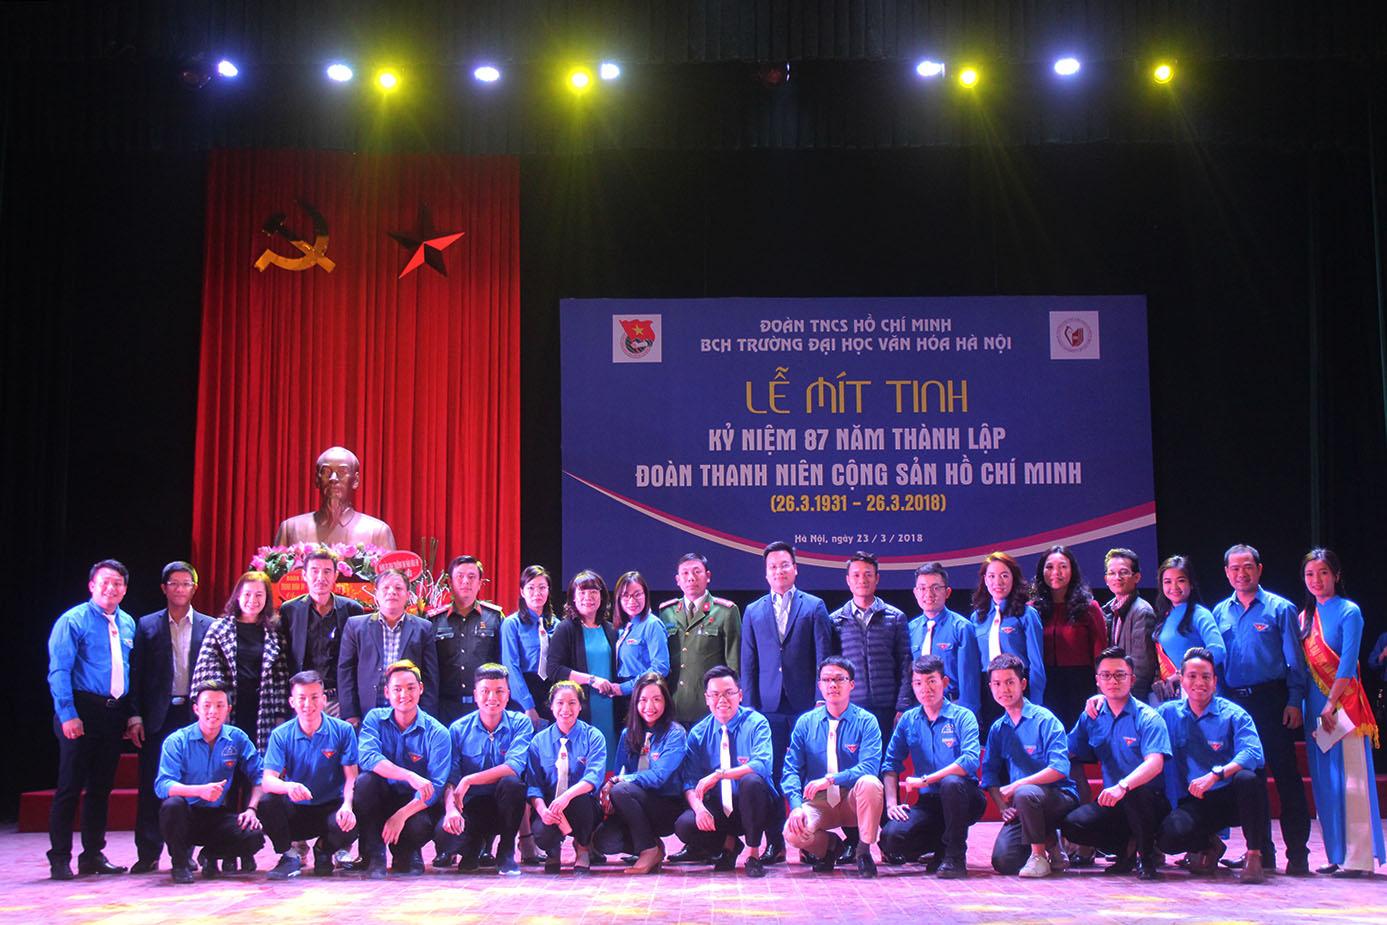 Lễ mít tinh kỷ niệm 87 năm Ngày thành lập Đoàn TNCS HCM tại trường Đại học Văn hóa Hà Nội